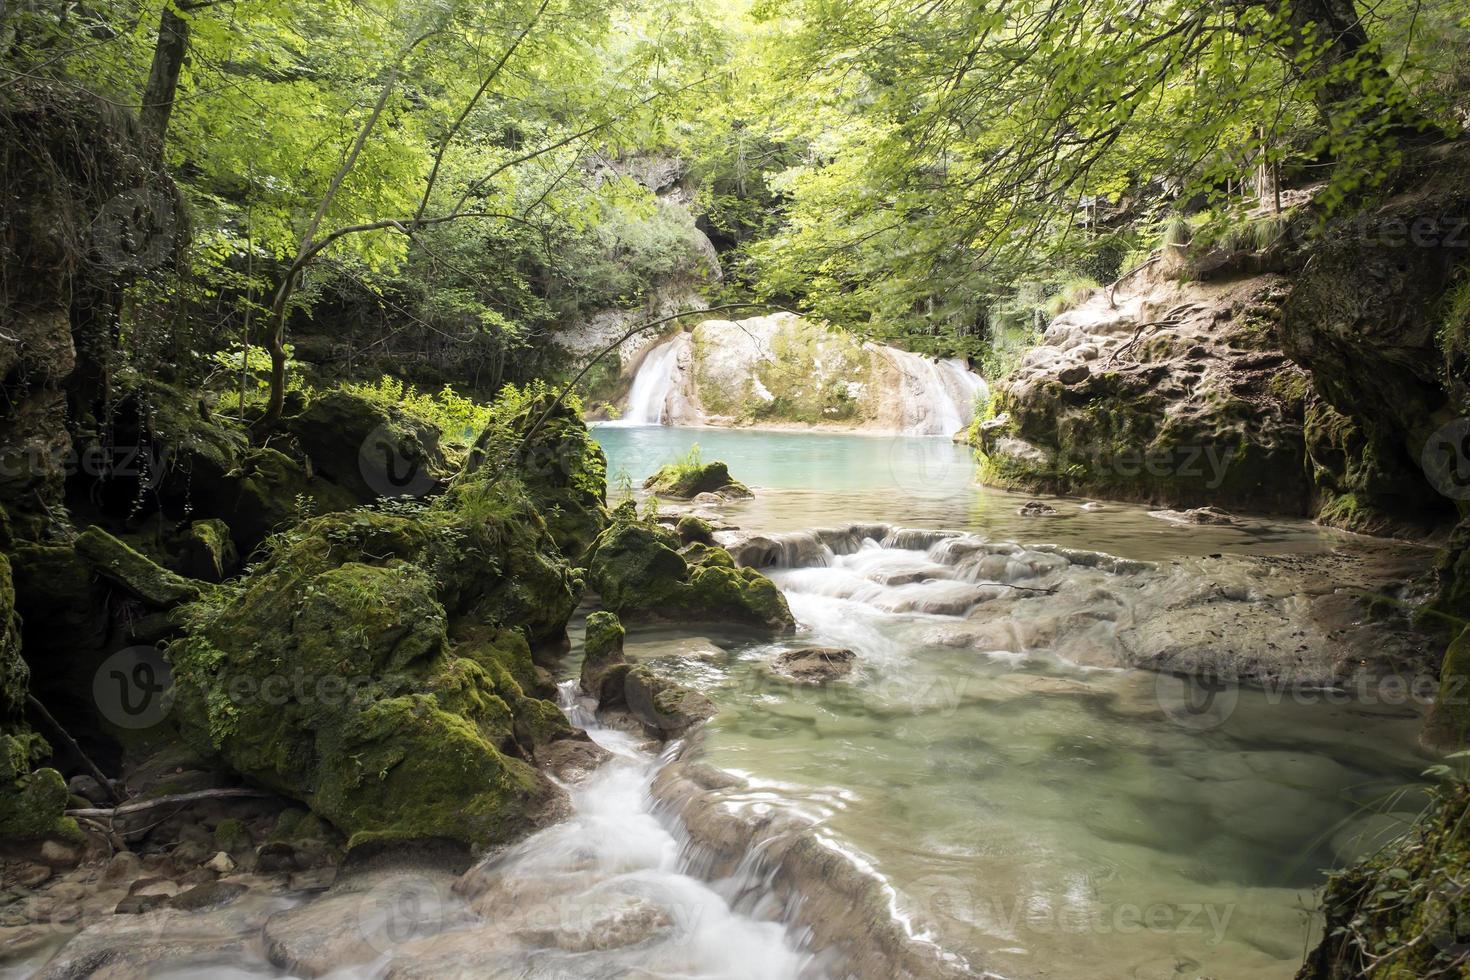 fiume urredera - navarra, spagna foto